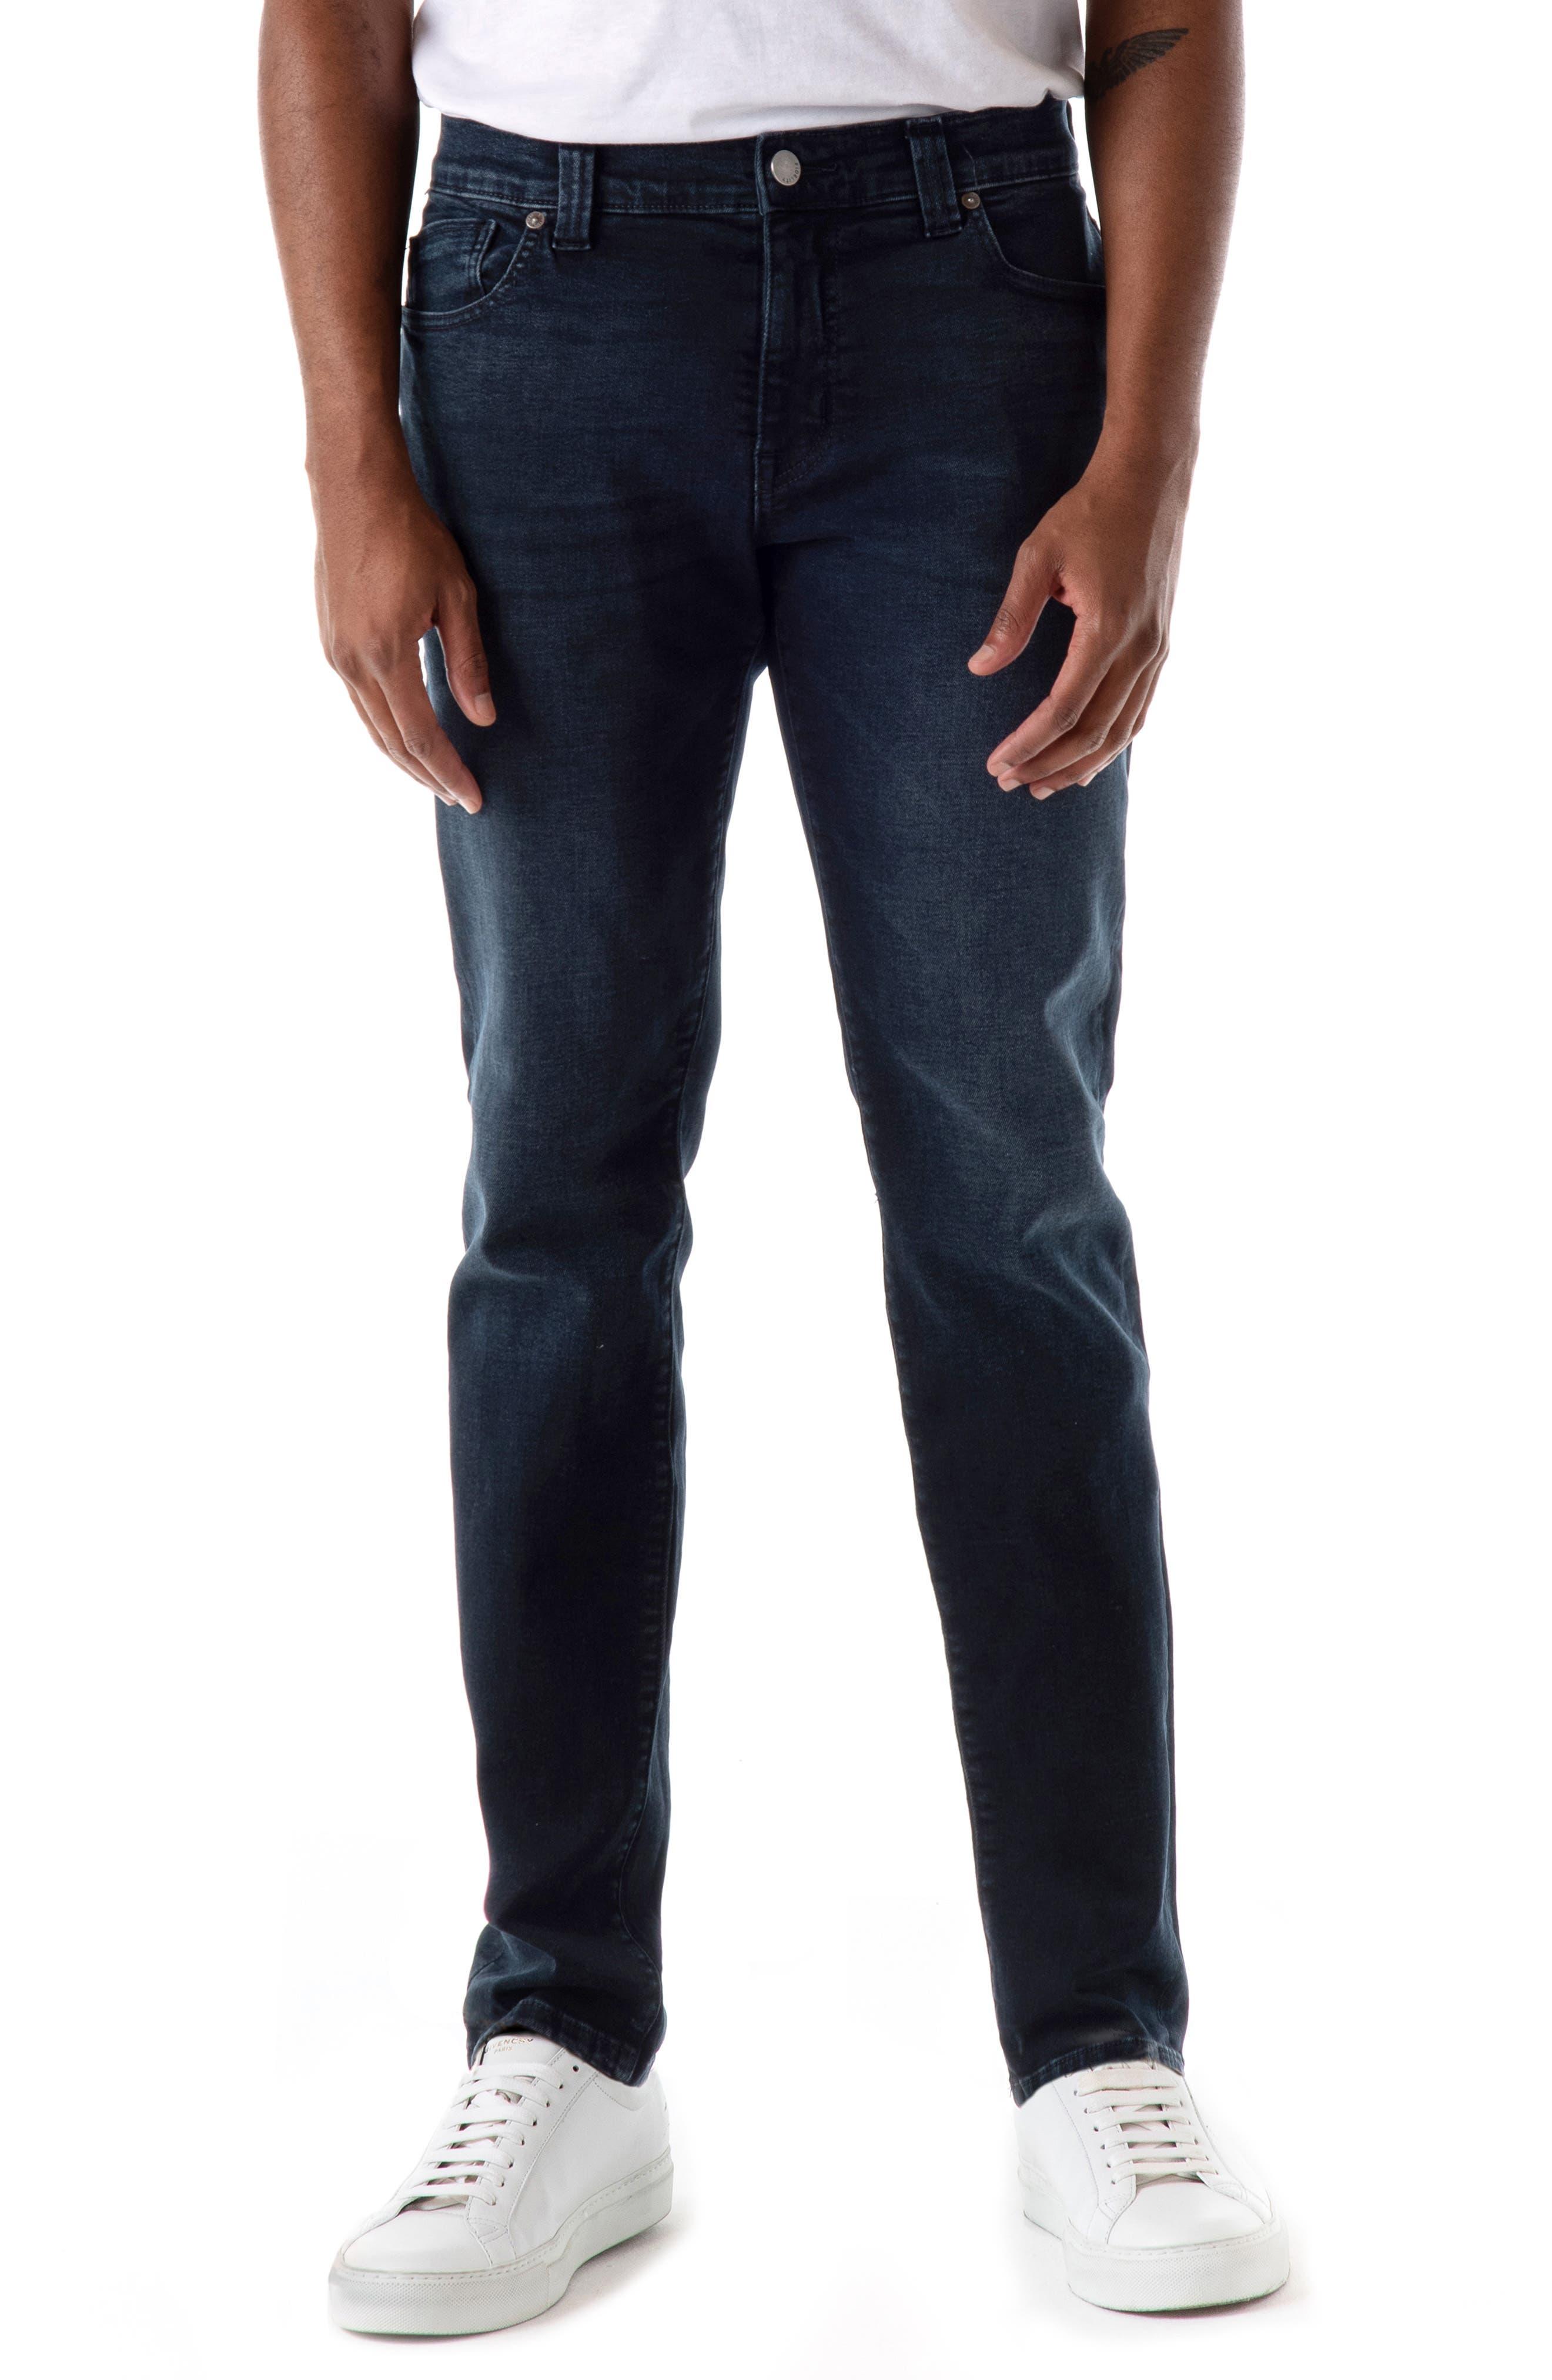 Indie Slim Fit Jeans